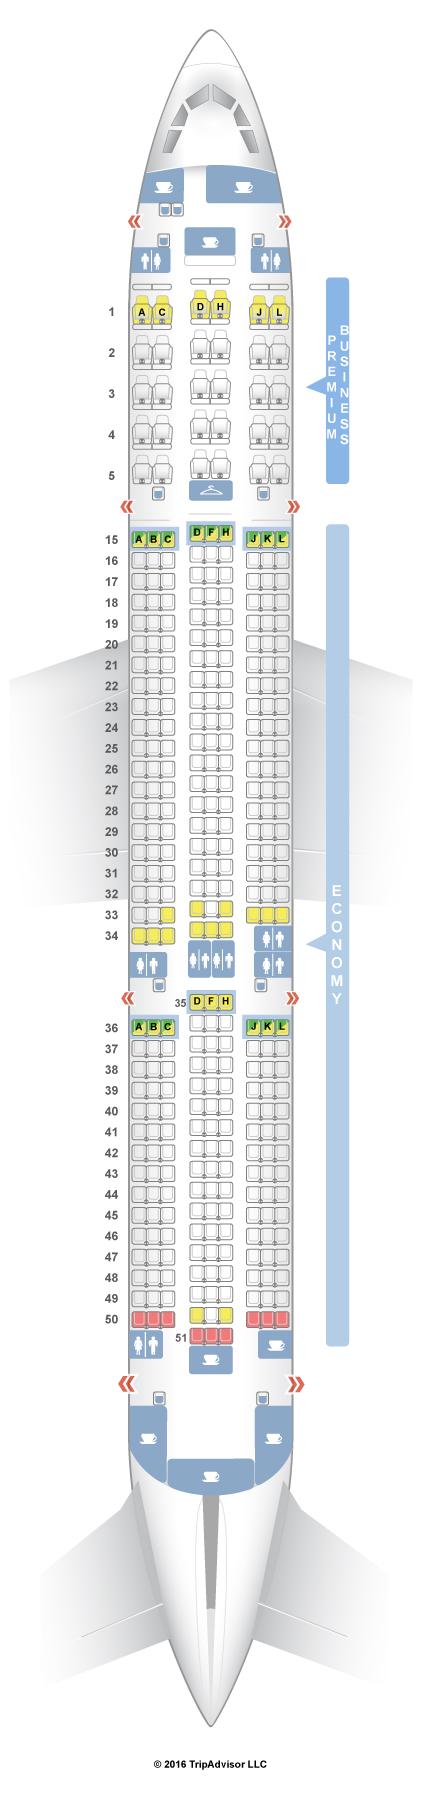 Seatguru Seat Map Latam Brasil